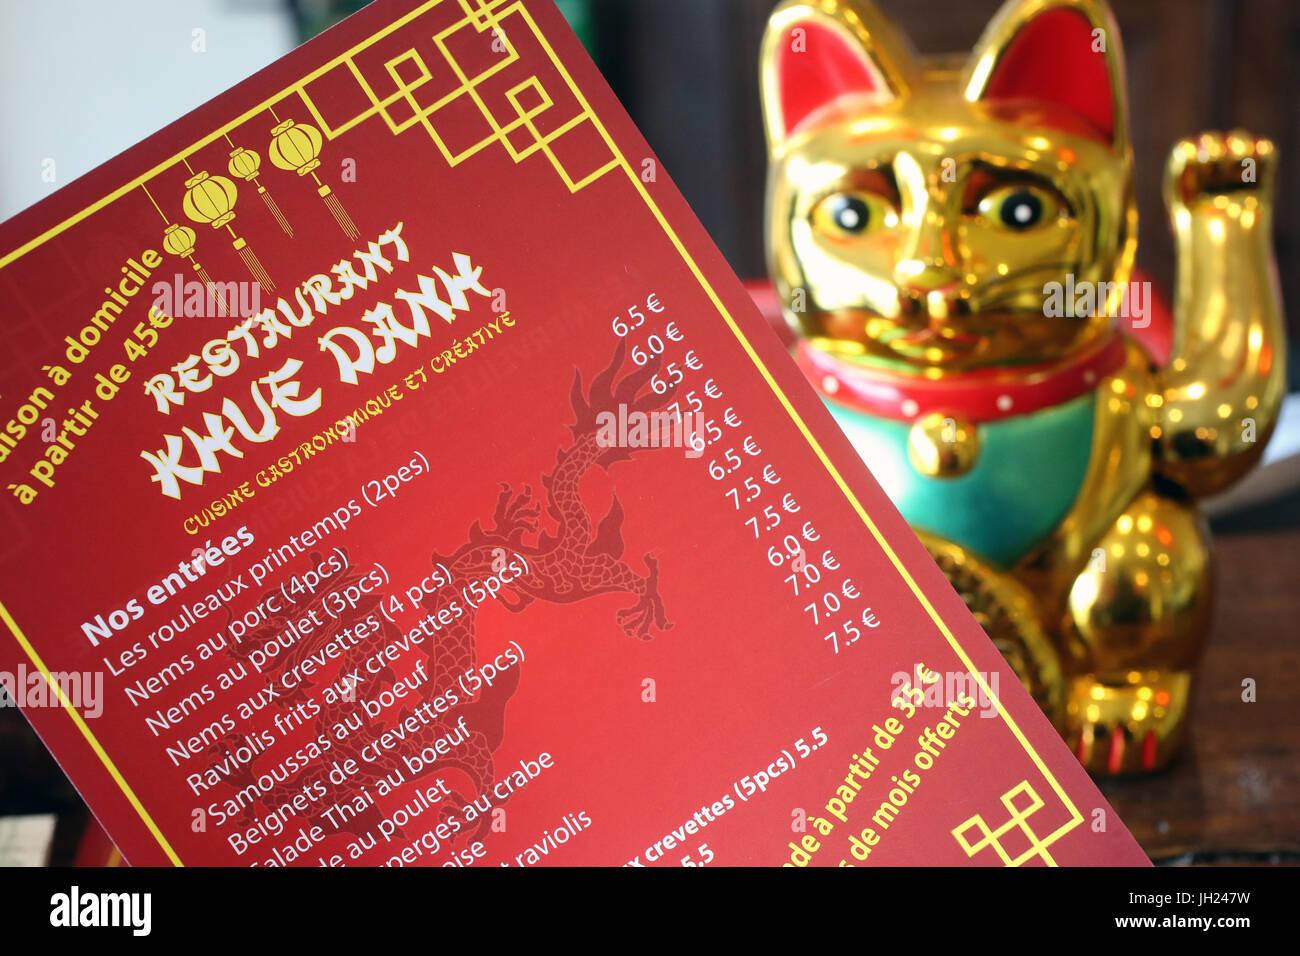 Menu et le Maneki-neko également connu sous le nom de Cat accueillant, Lucky Cat, chat, Argent ou Fortune Cat. Photo Stock